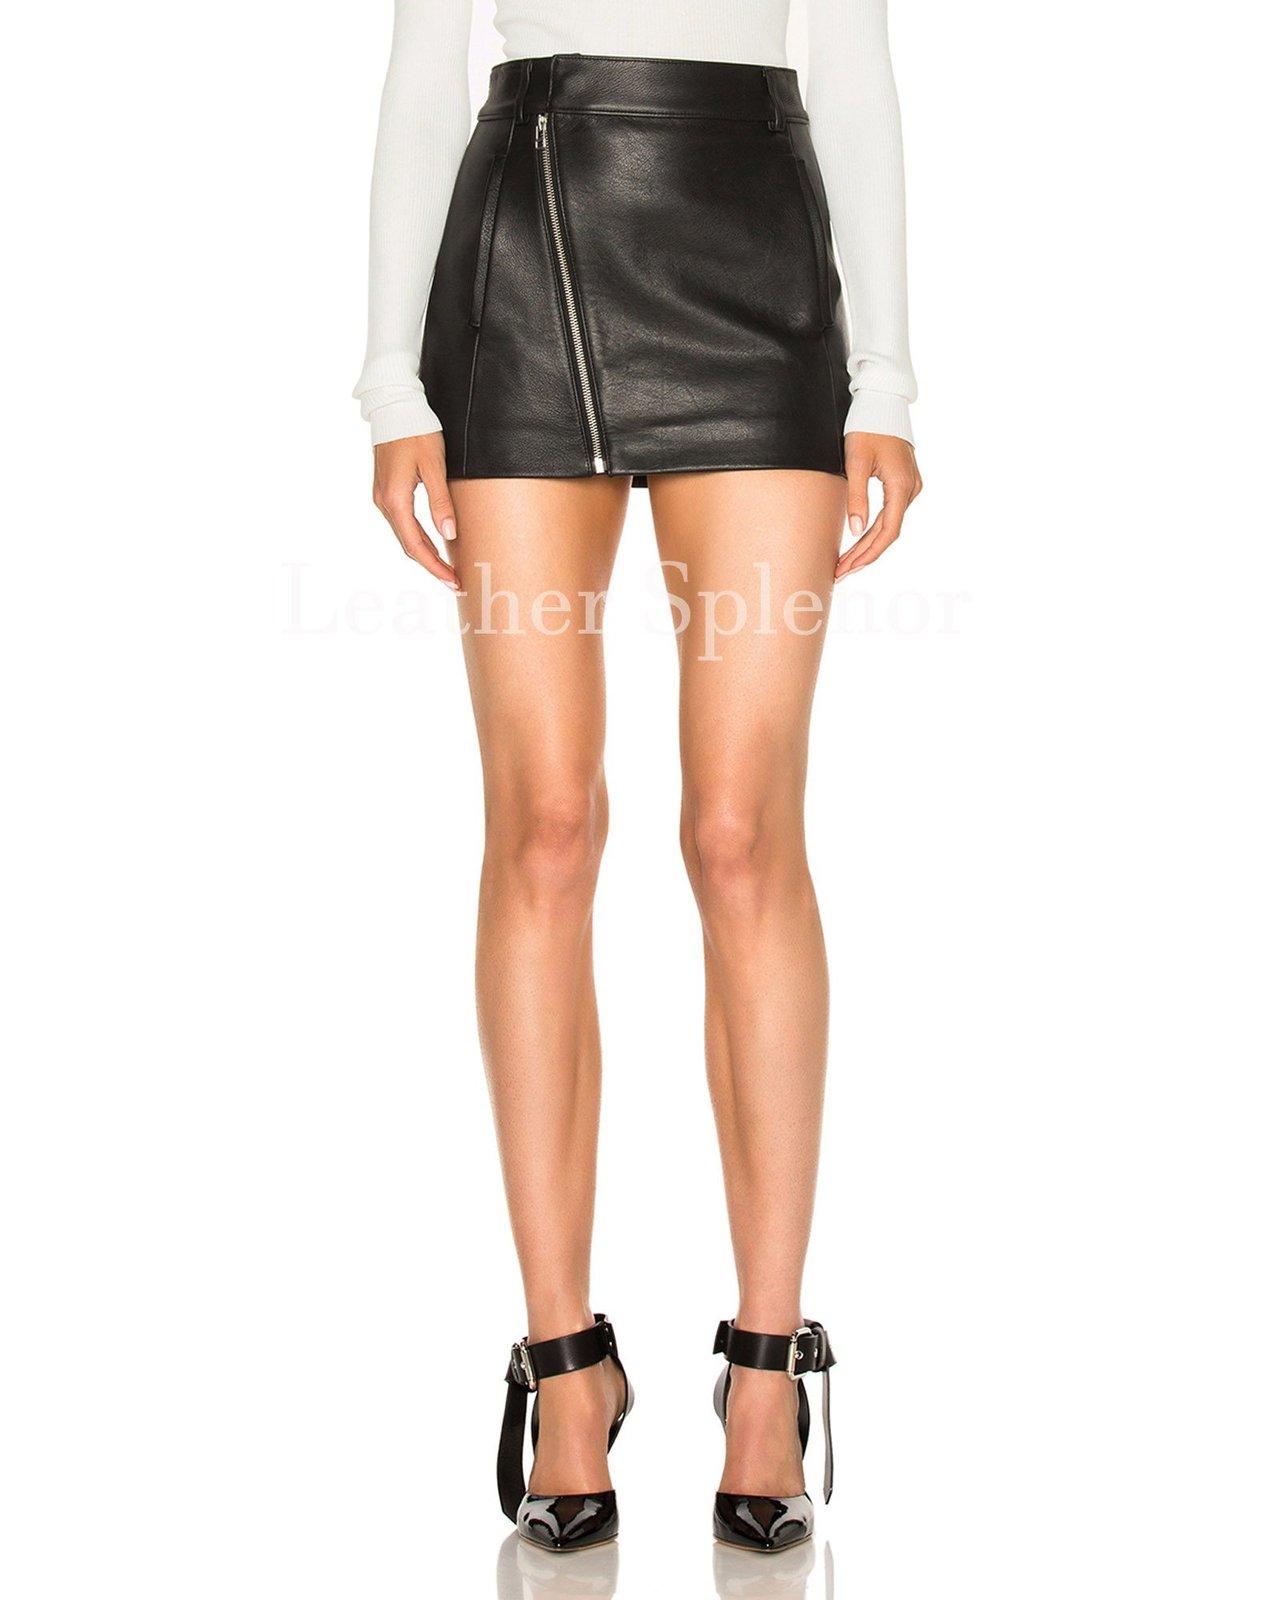 Assymetrical Zipper Women Mini Leather Skirt